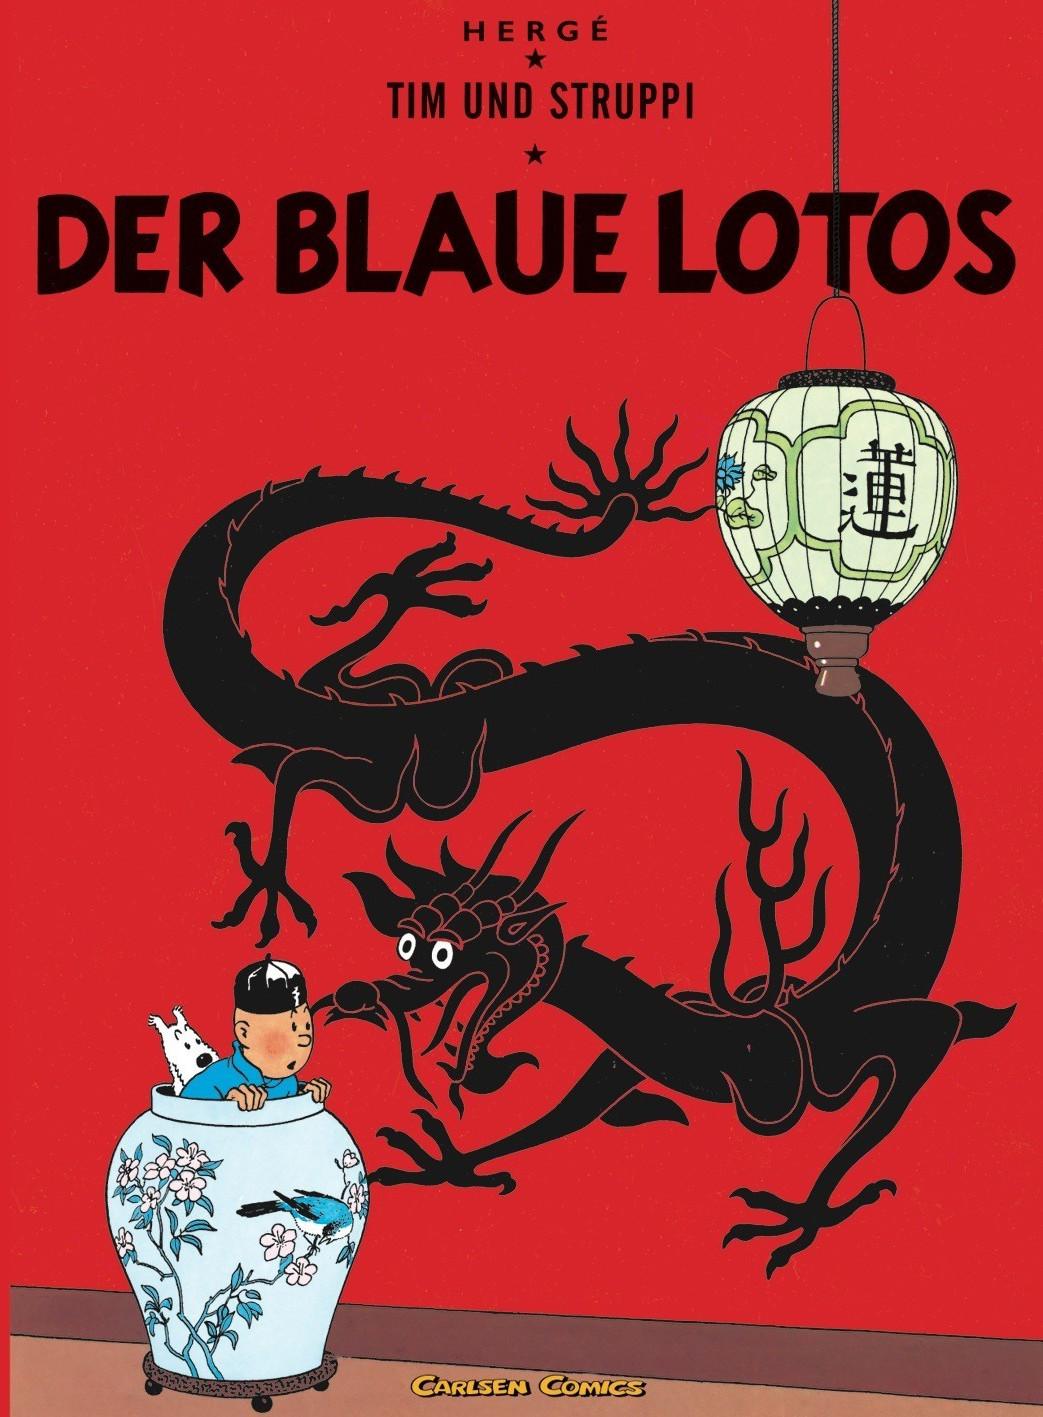 Image of Tim und Struppi Band 4: Der blaue Lotos